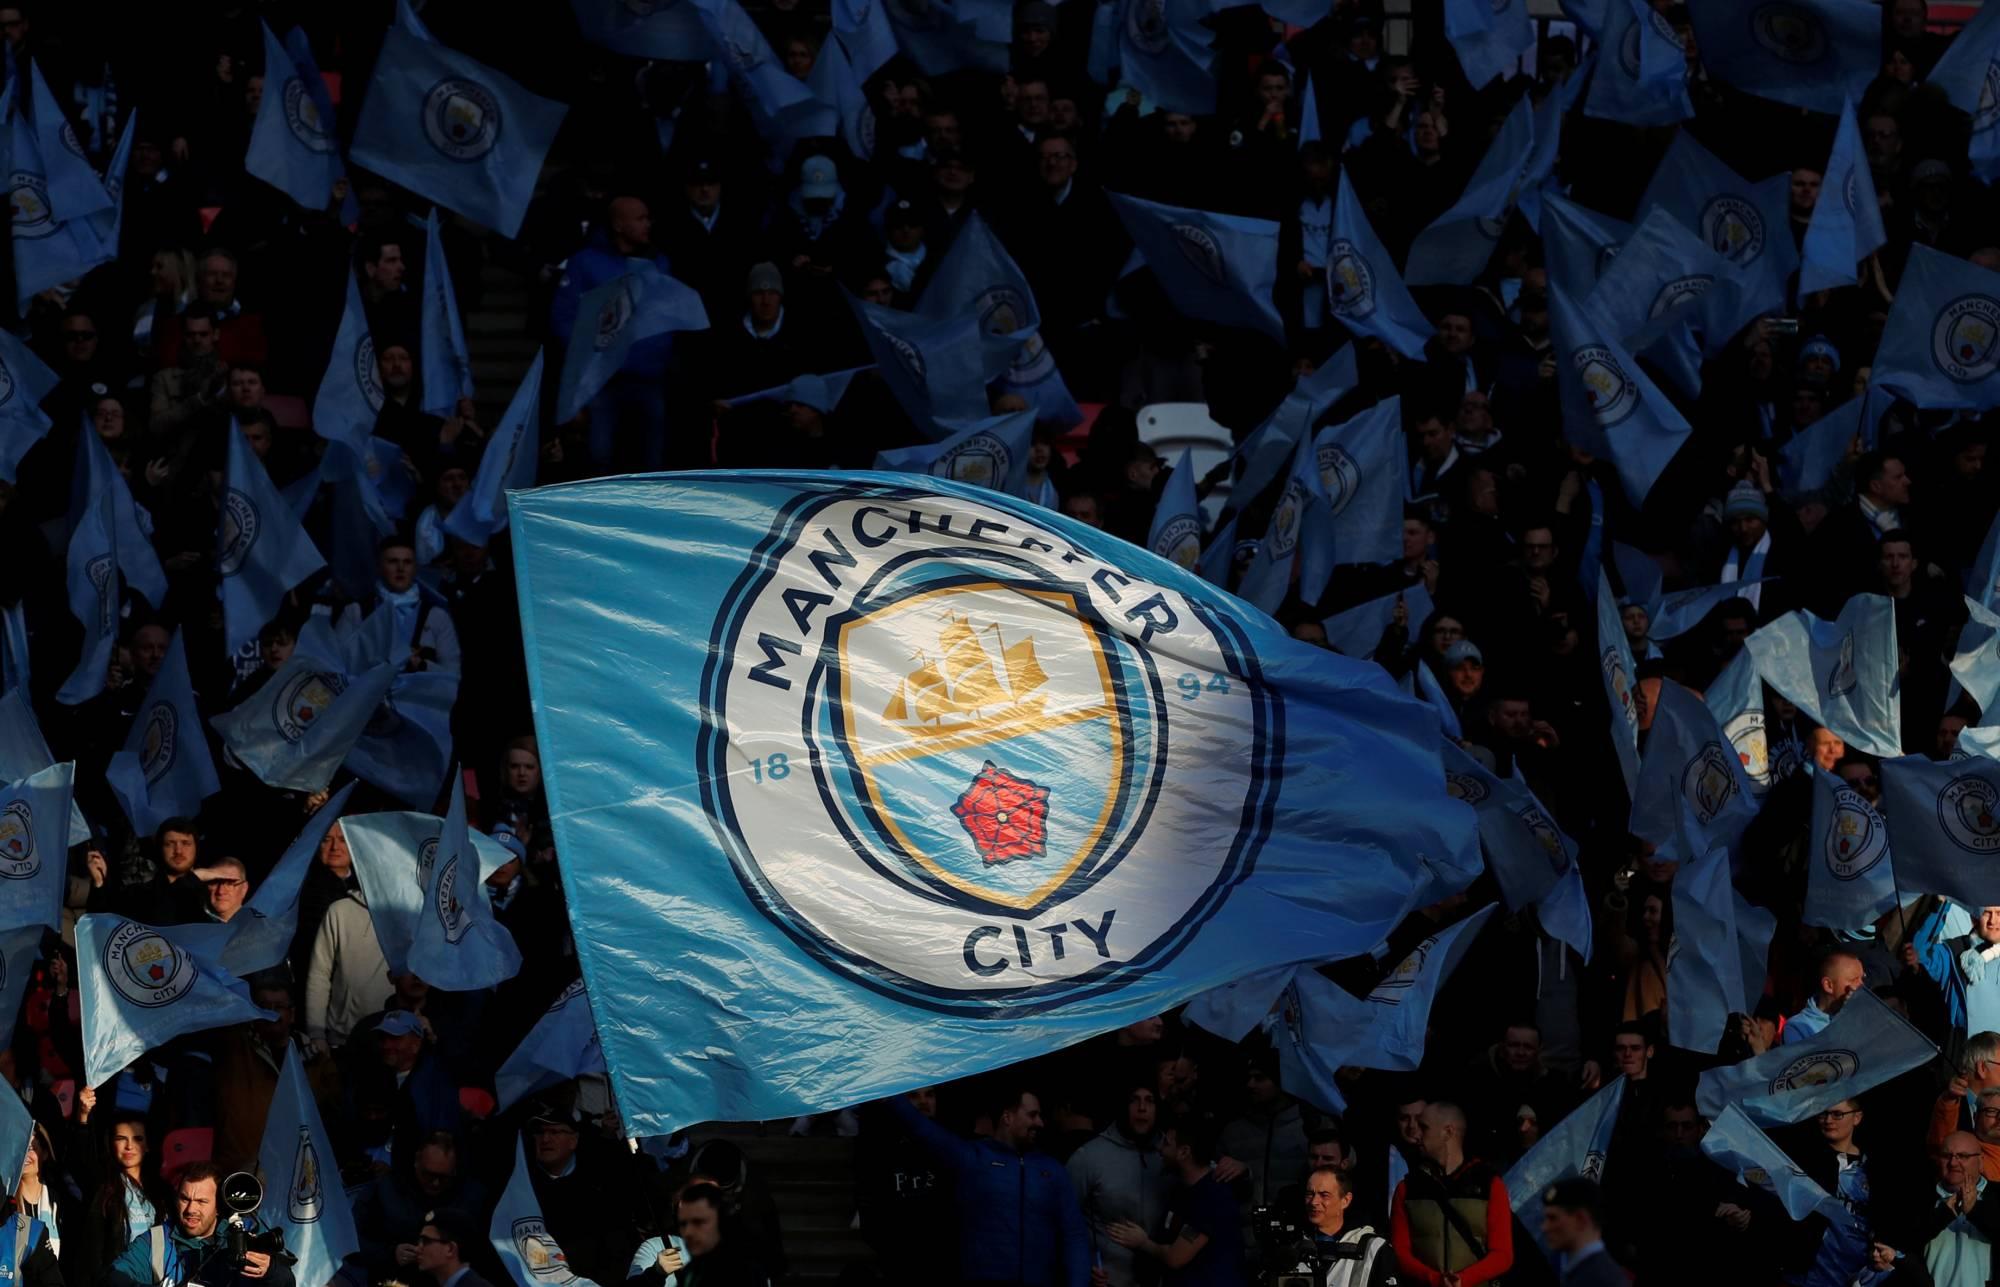 Chelsea digasak habis-habisan usai menelan kekalahan dari Manchester City dengan skor 0-6. (foto: Reuters)